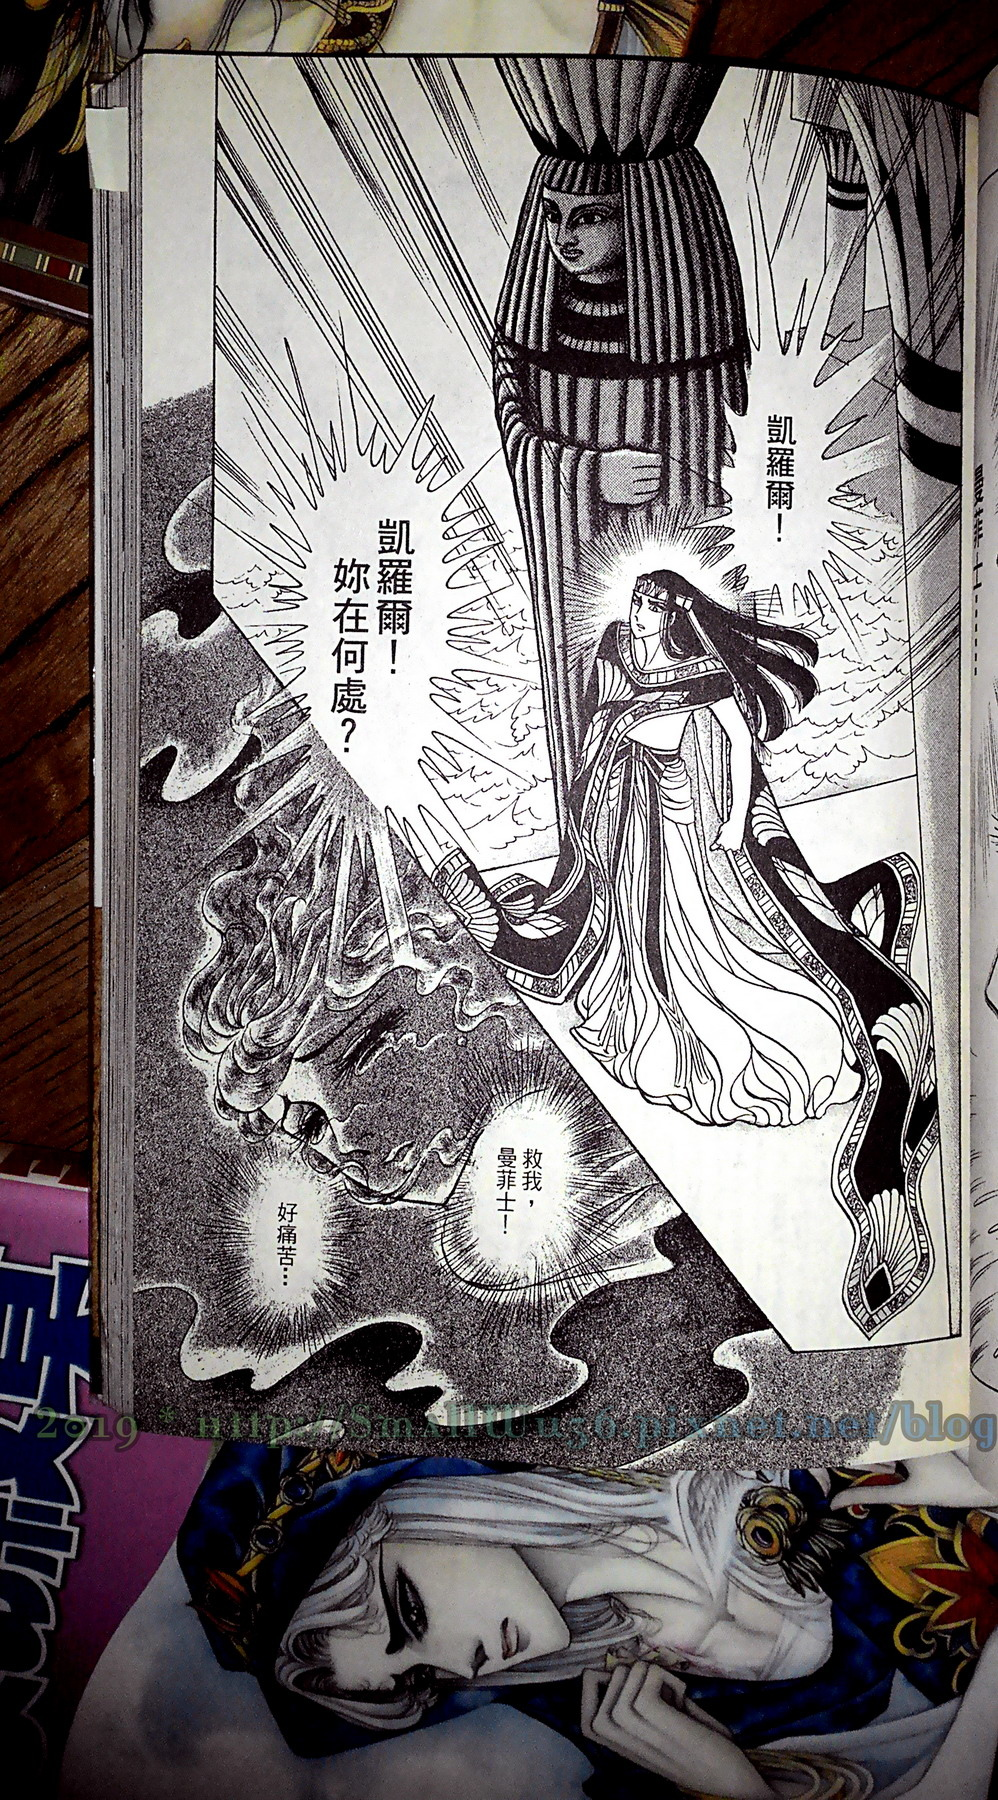 細川智榮子-王家的紋章(尼羅河女兒) 28-35 (長鴻)  vol_28 -2.jpg